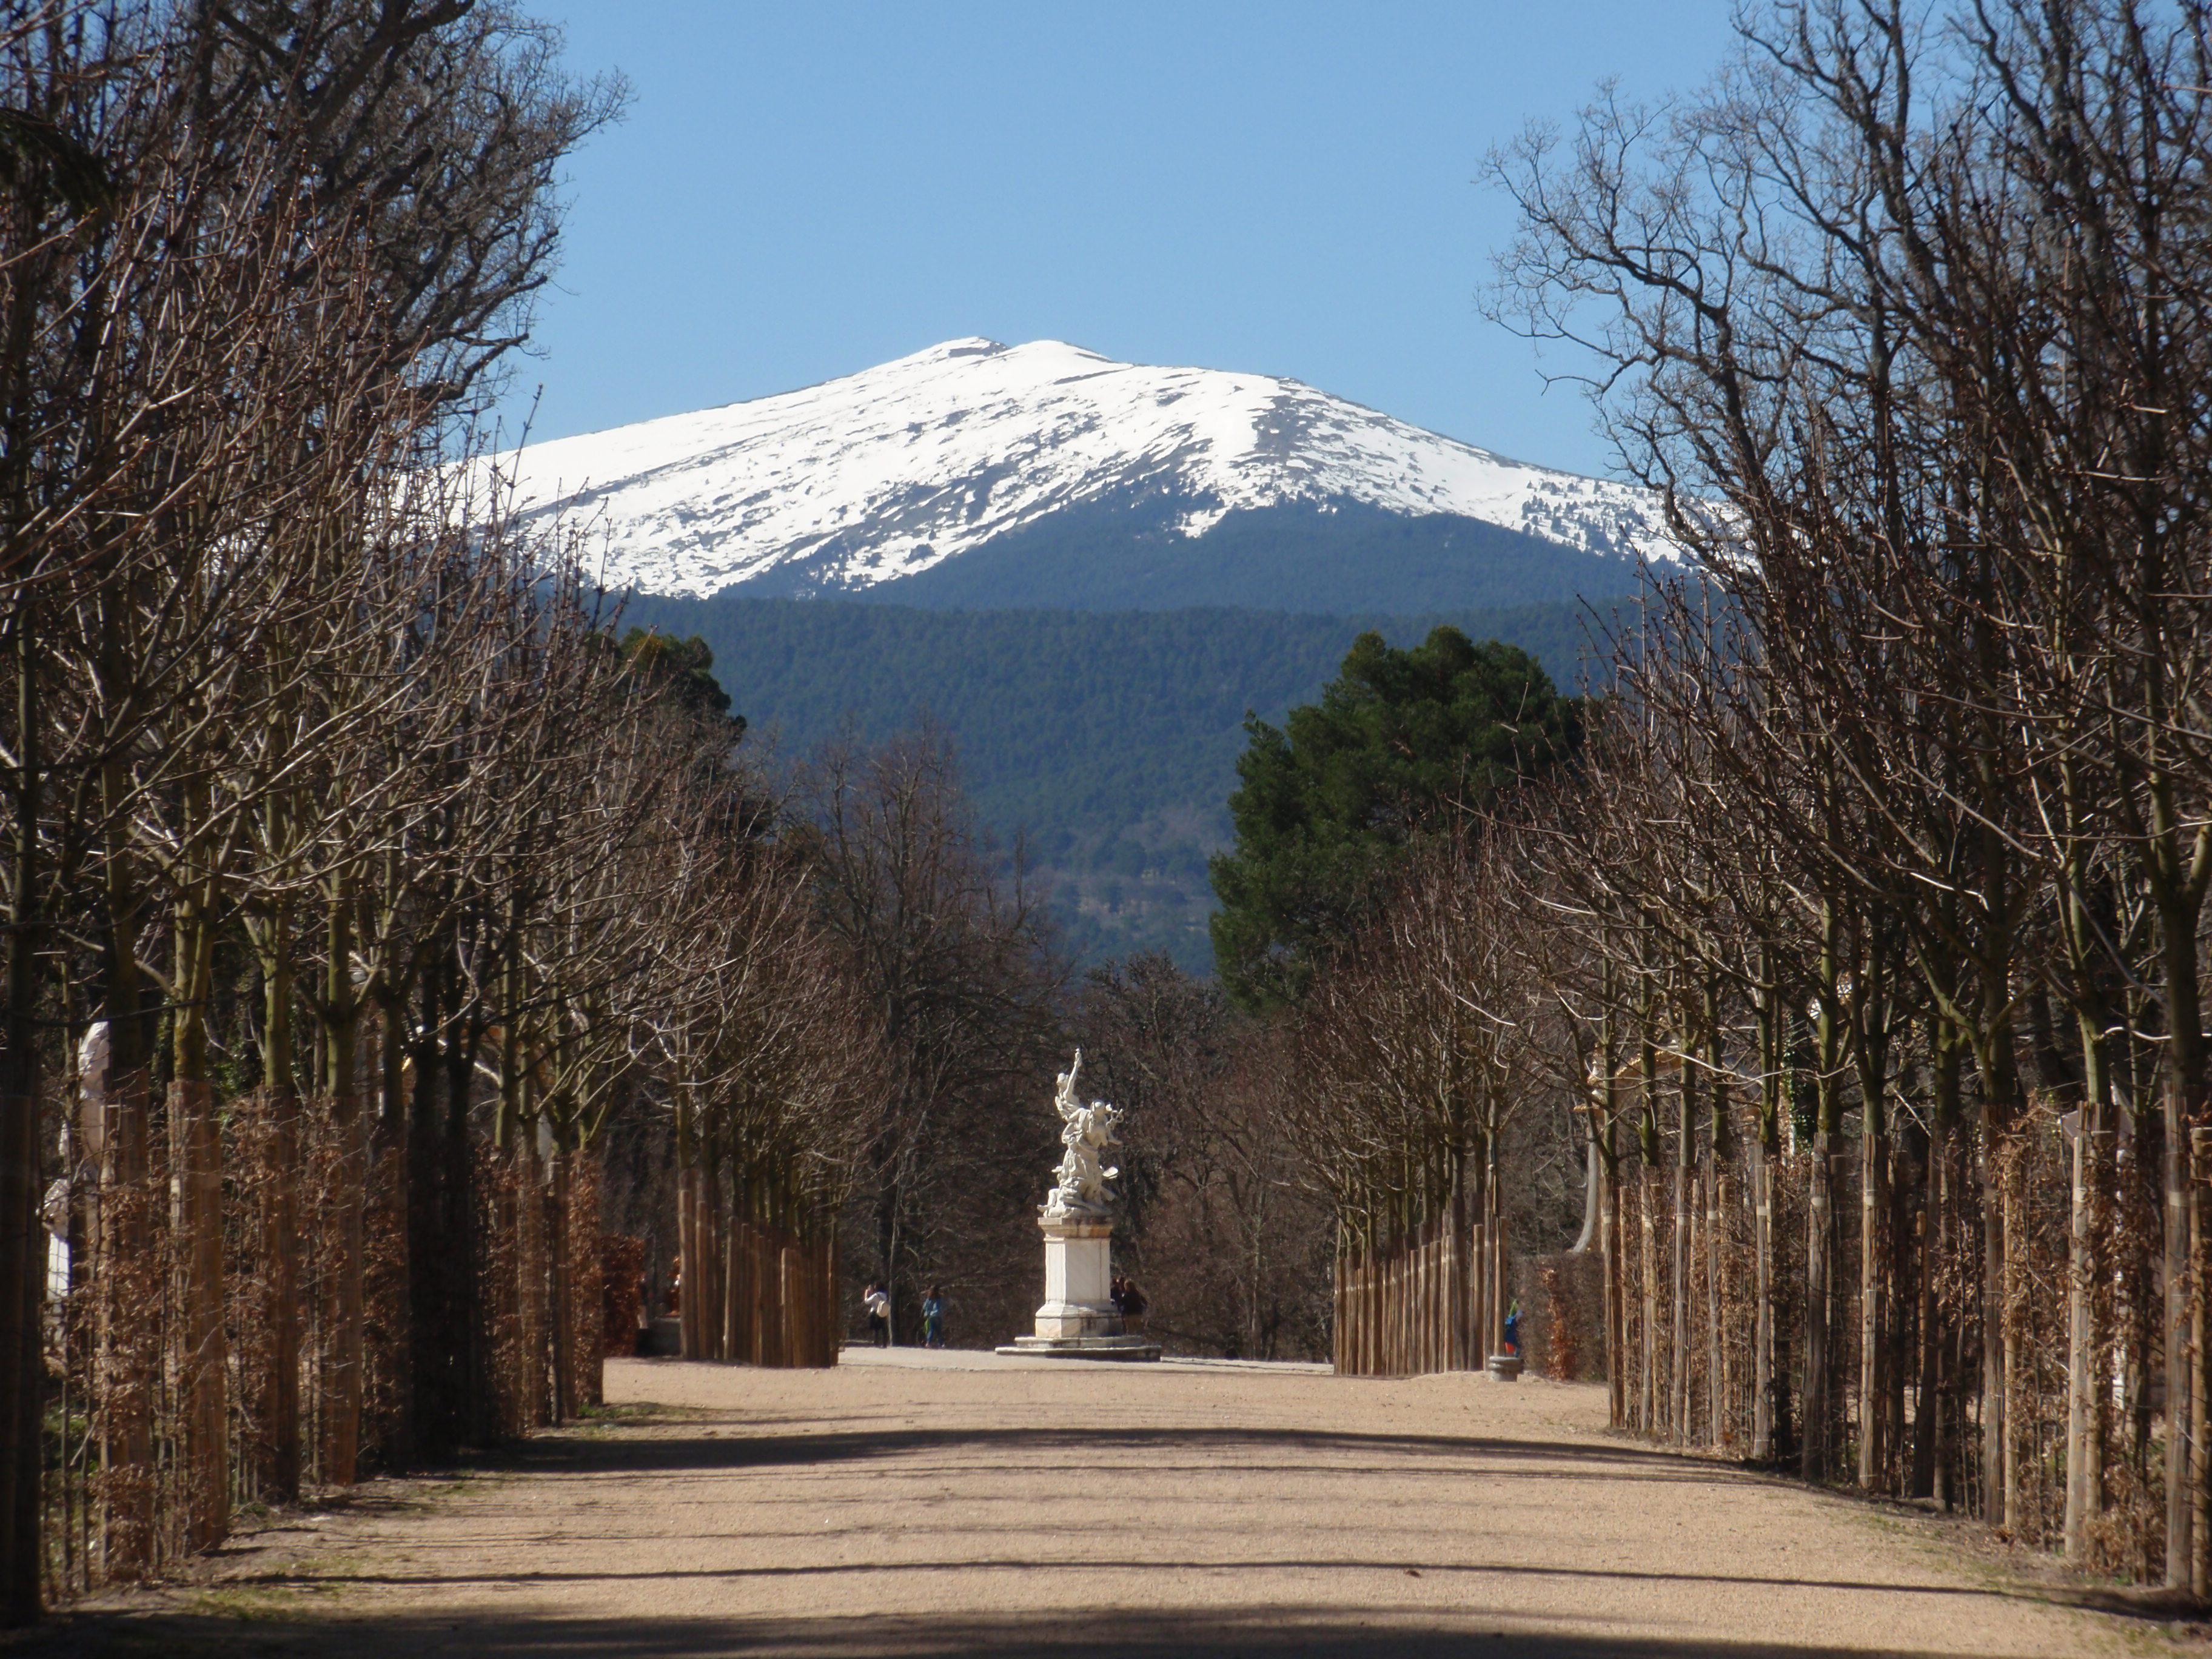 The Royal Palace of San Ildefonso o La Granja